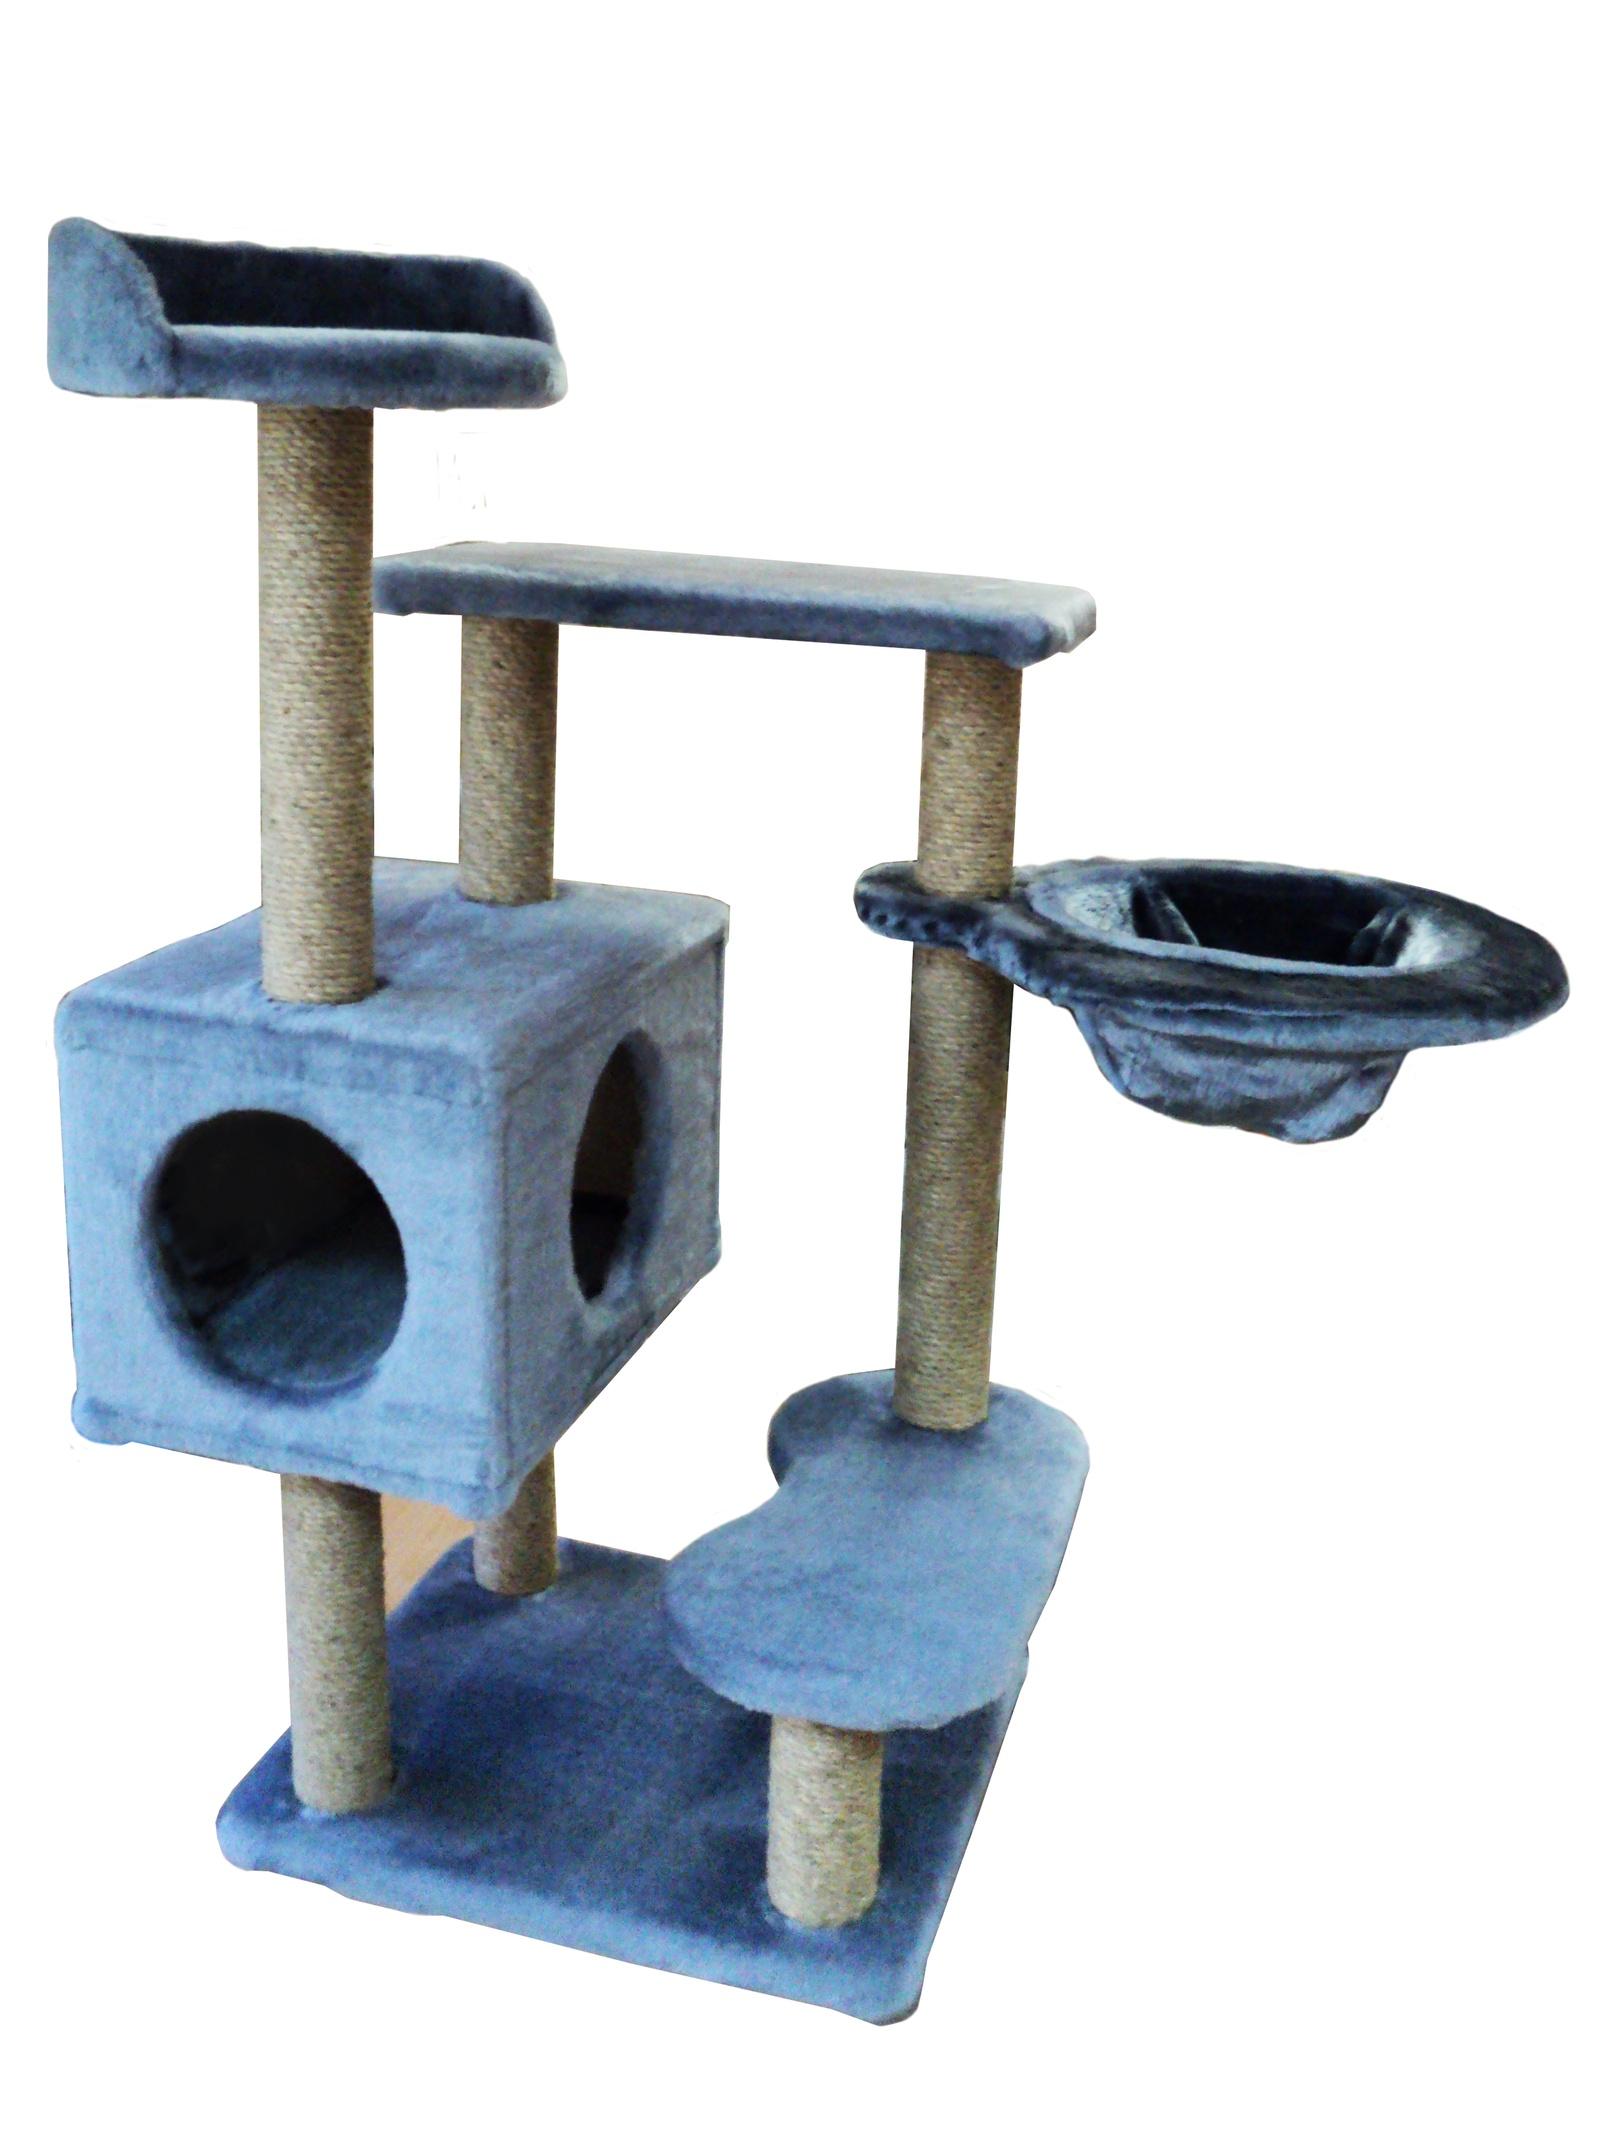 Домик - когтеточка Барсик, серый, джут 60х60х110 домик когтеточка барсик серый джут 60х60х110